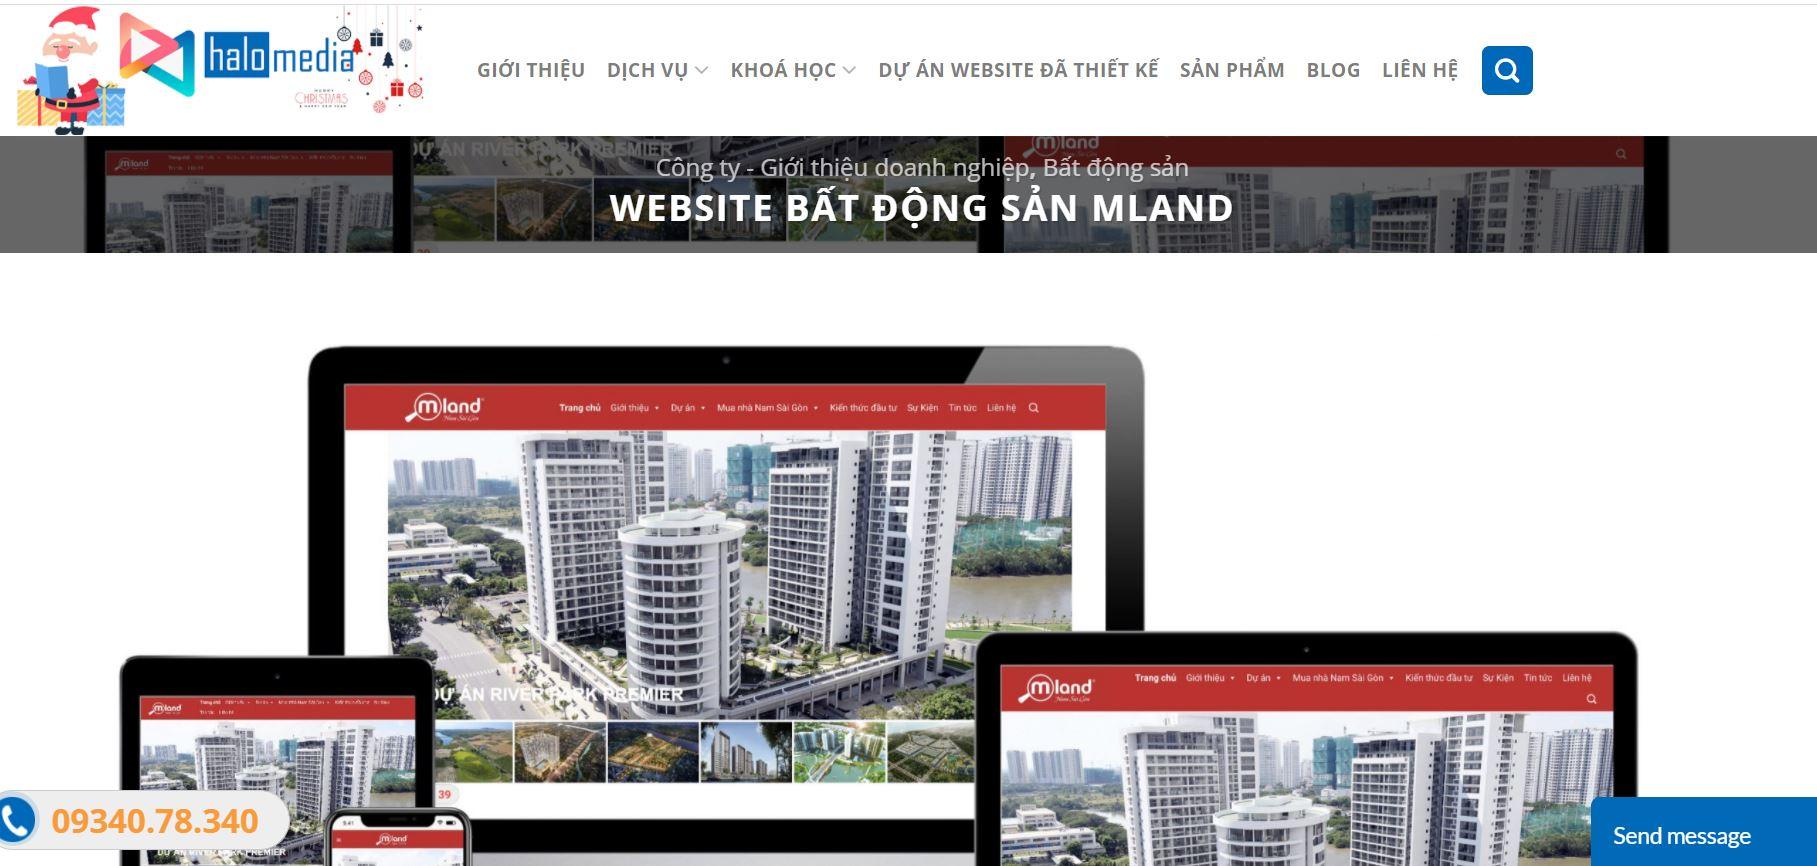 thiết kế website bất động sản chuyên nghiệp halo media